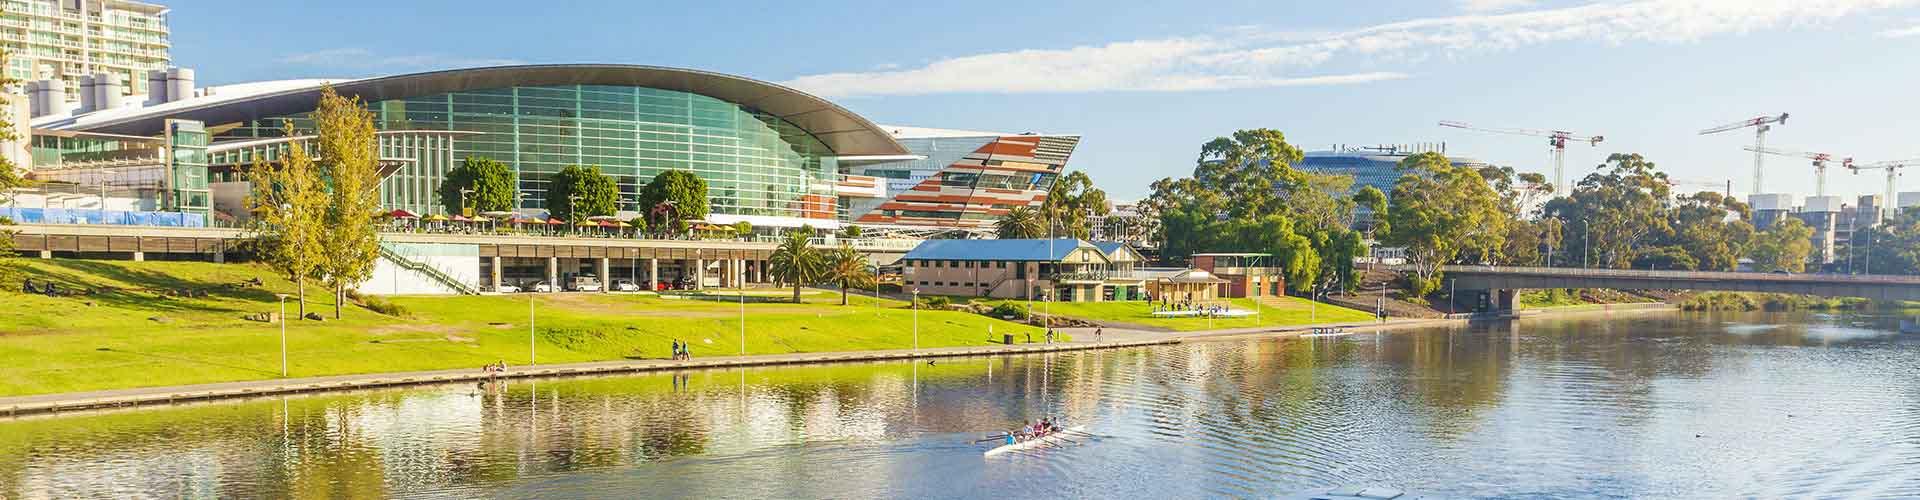 Adelaida - Hostele w dzielnicy: Adelaide City Centre. Mapy: Adelaida, Zdjęcia i Recenzje dla hosteli w mieście: Adelaida.